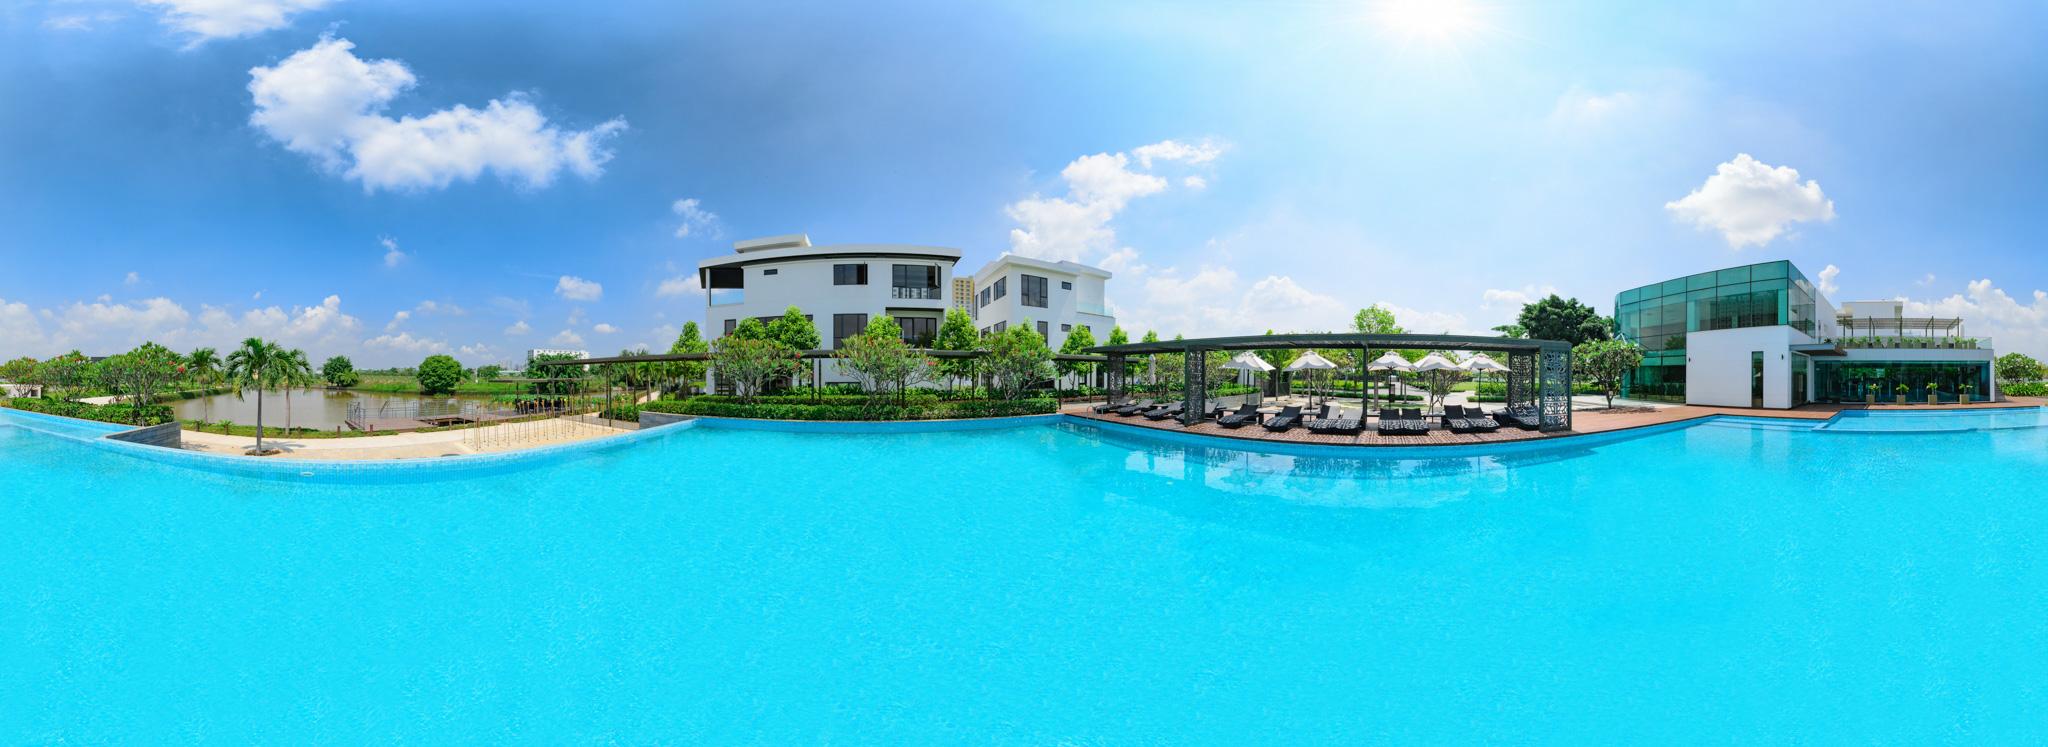 Hồ bơi tại biệt thự Lucasta Khang Điền quận 9